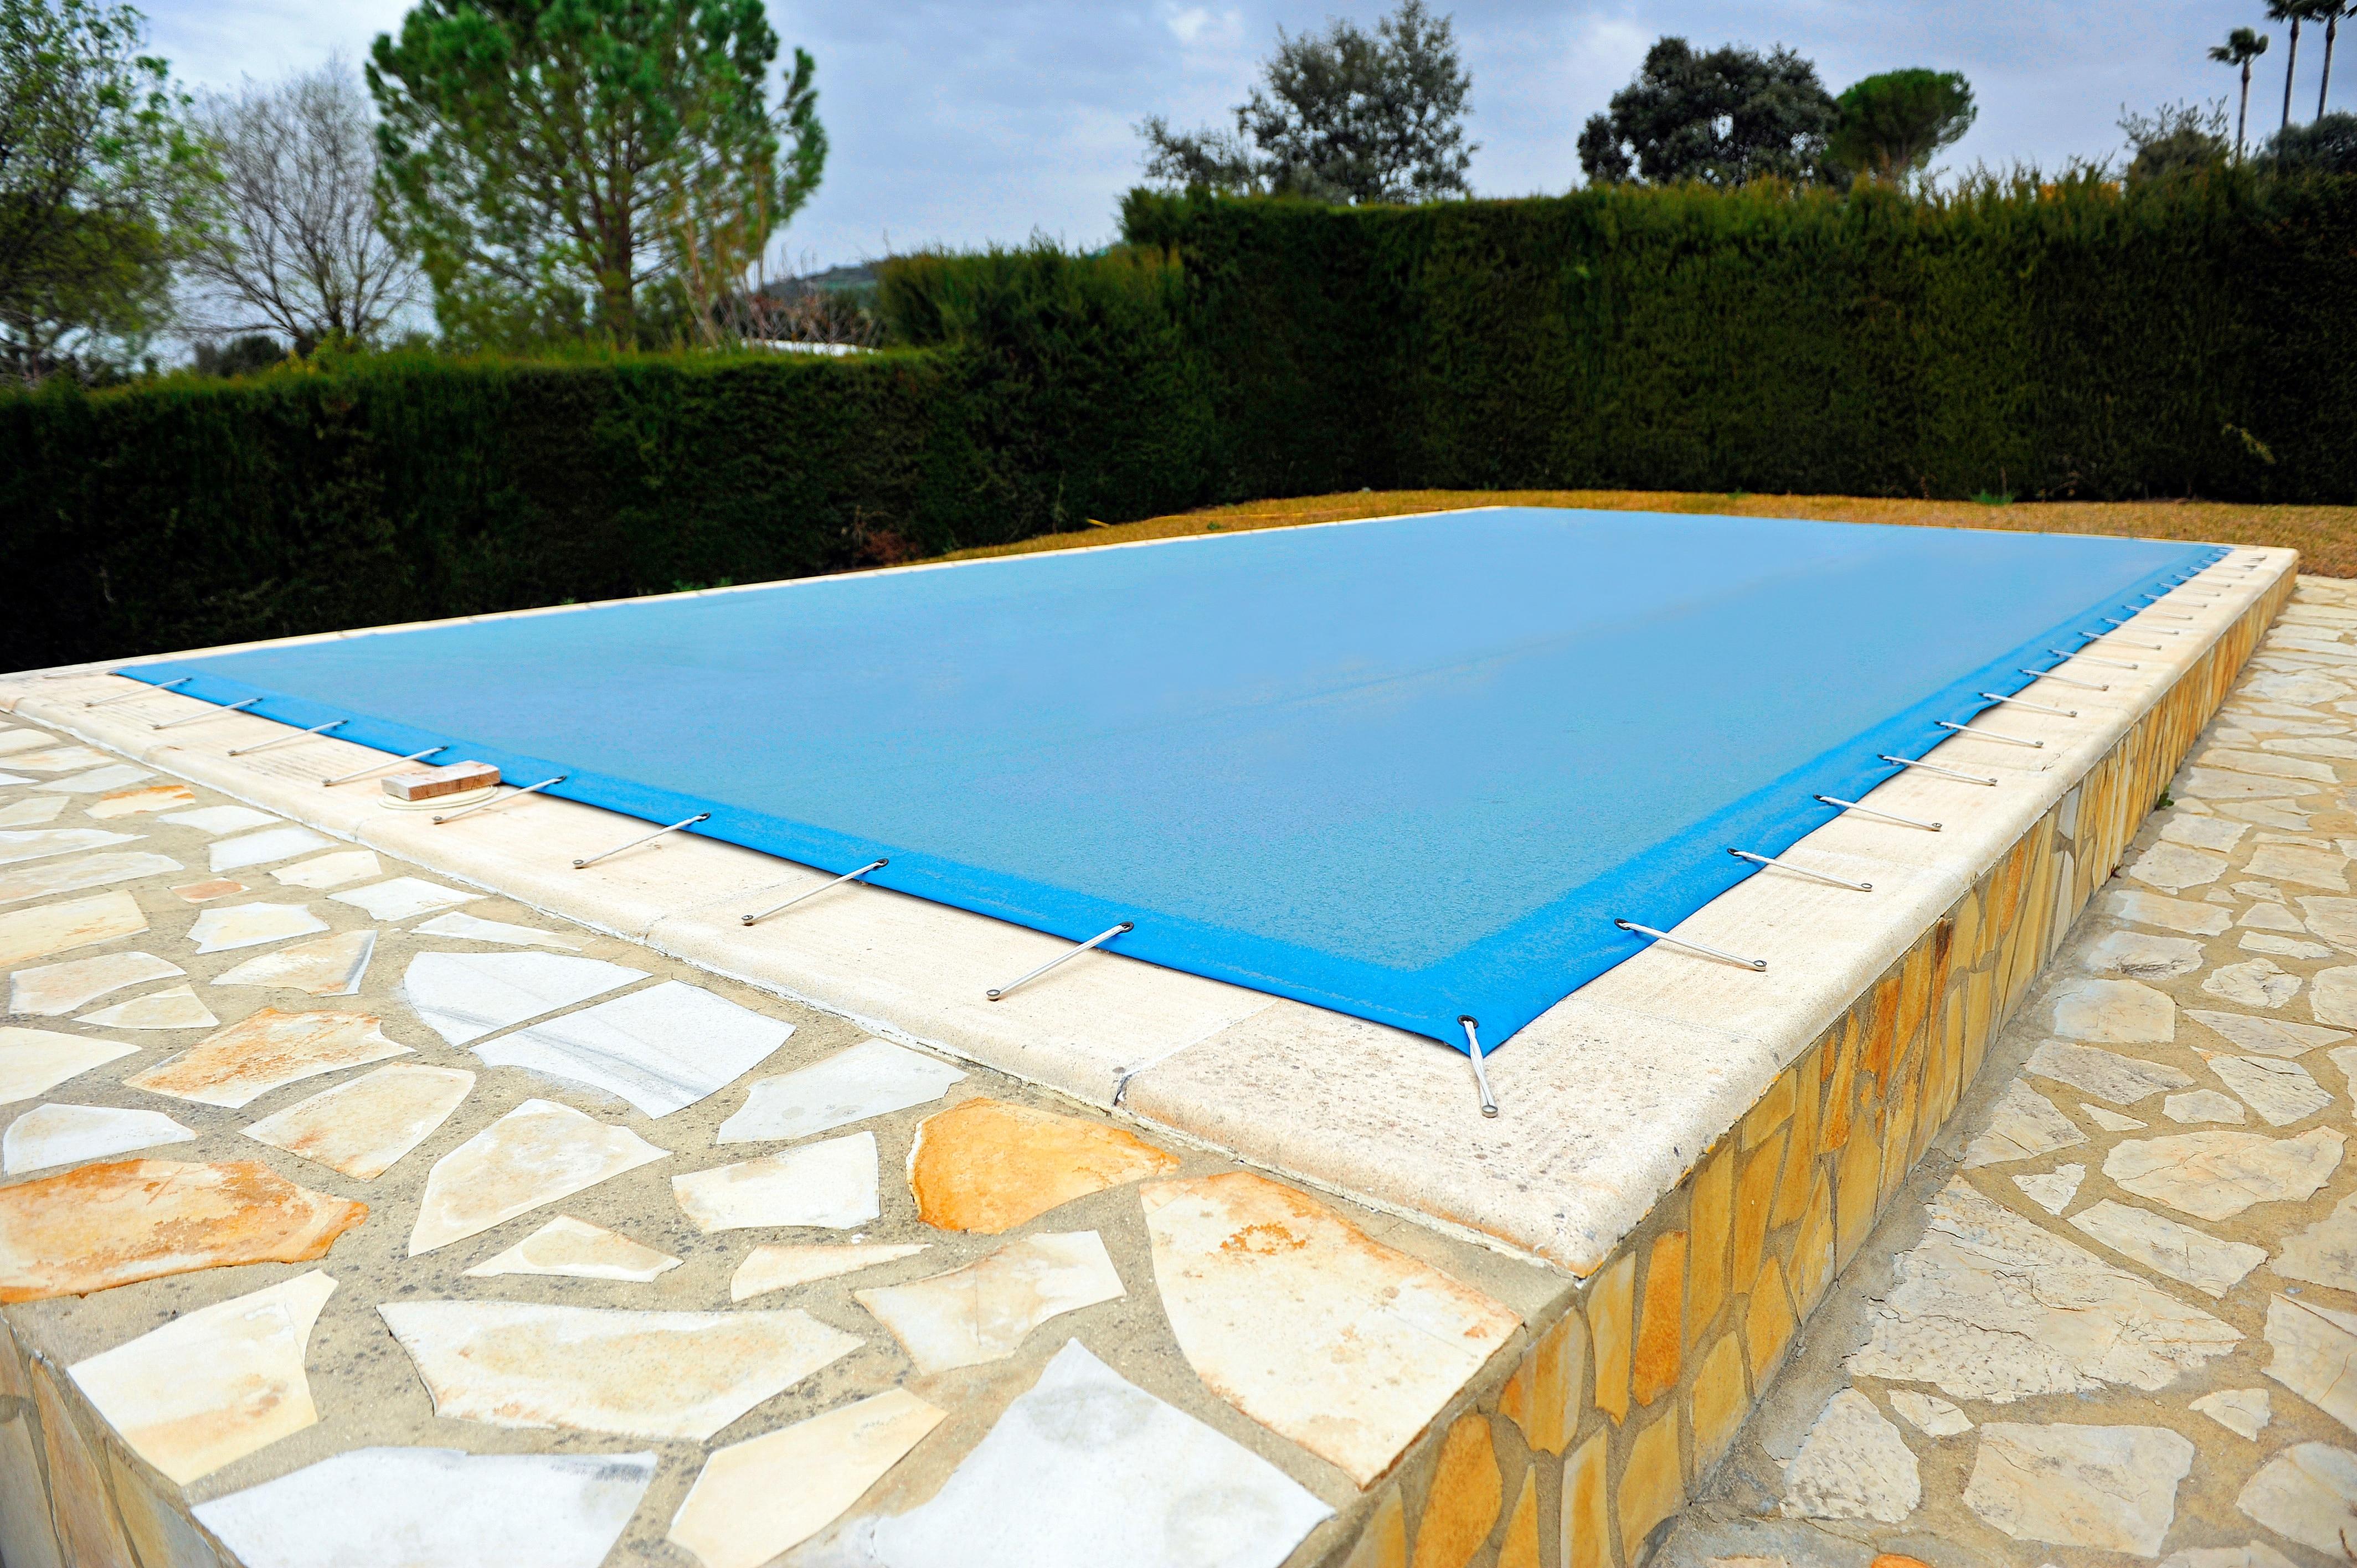 LTAG-pool-cover_TEX_Ap_01.jpg